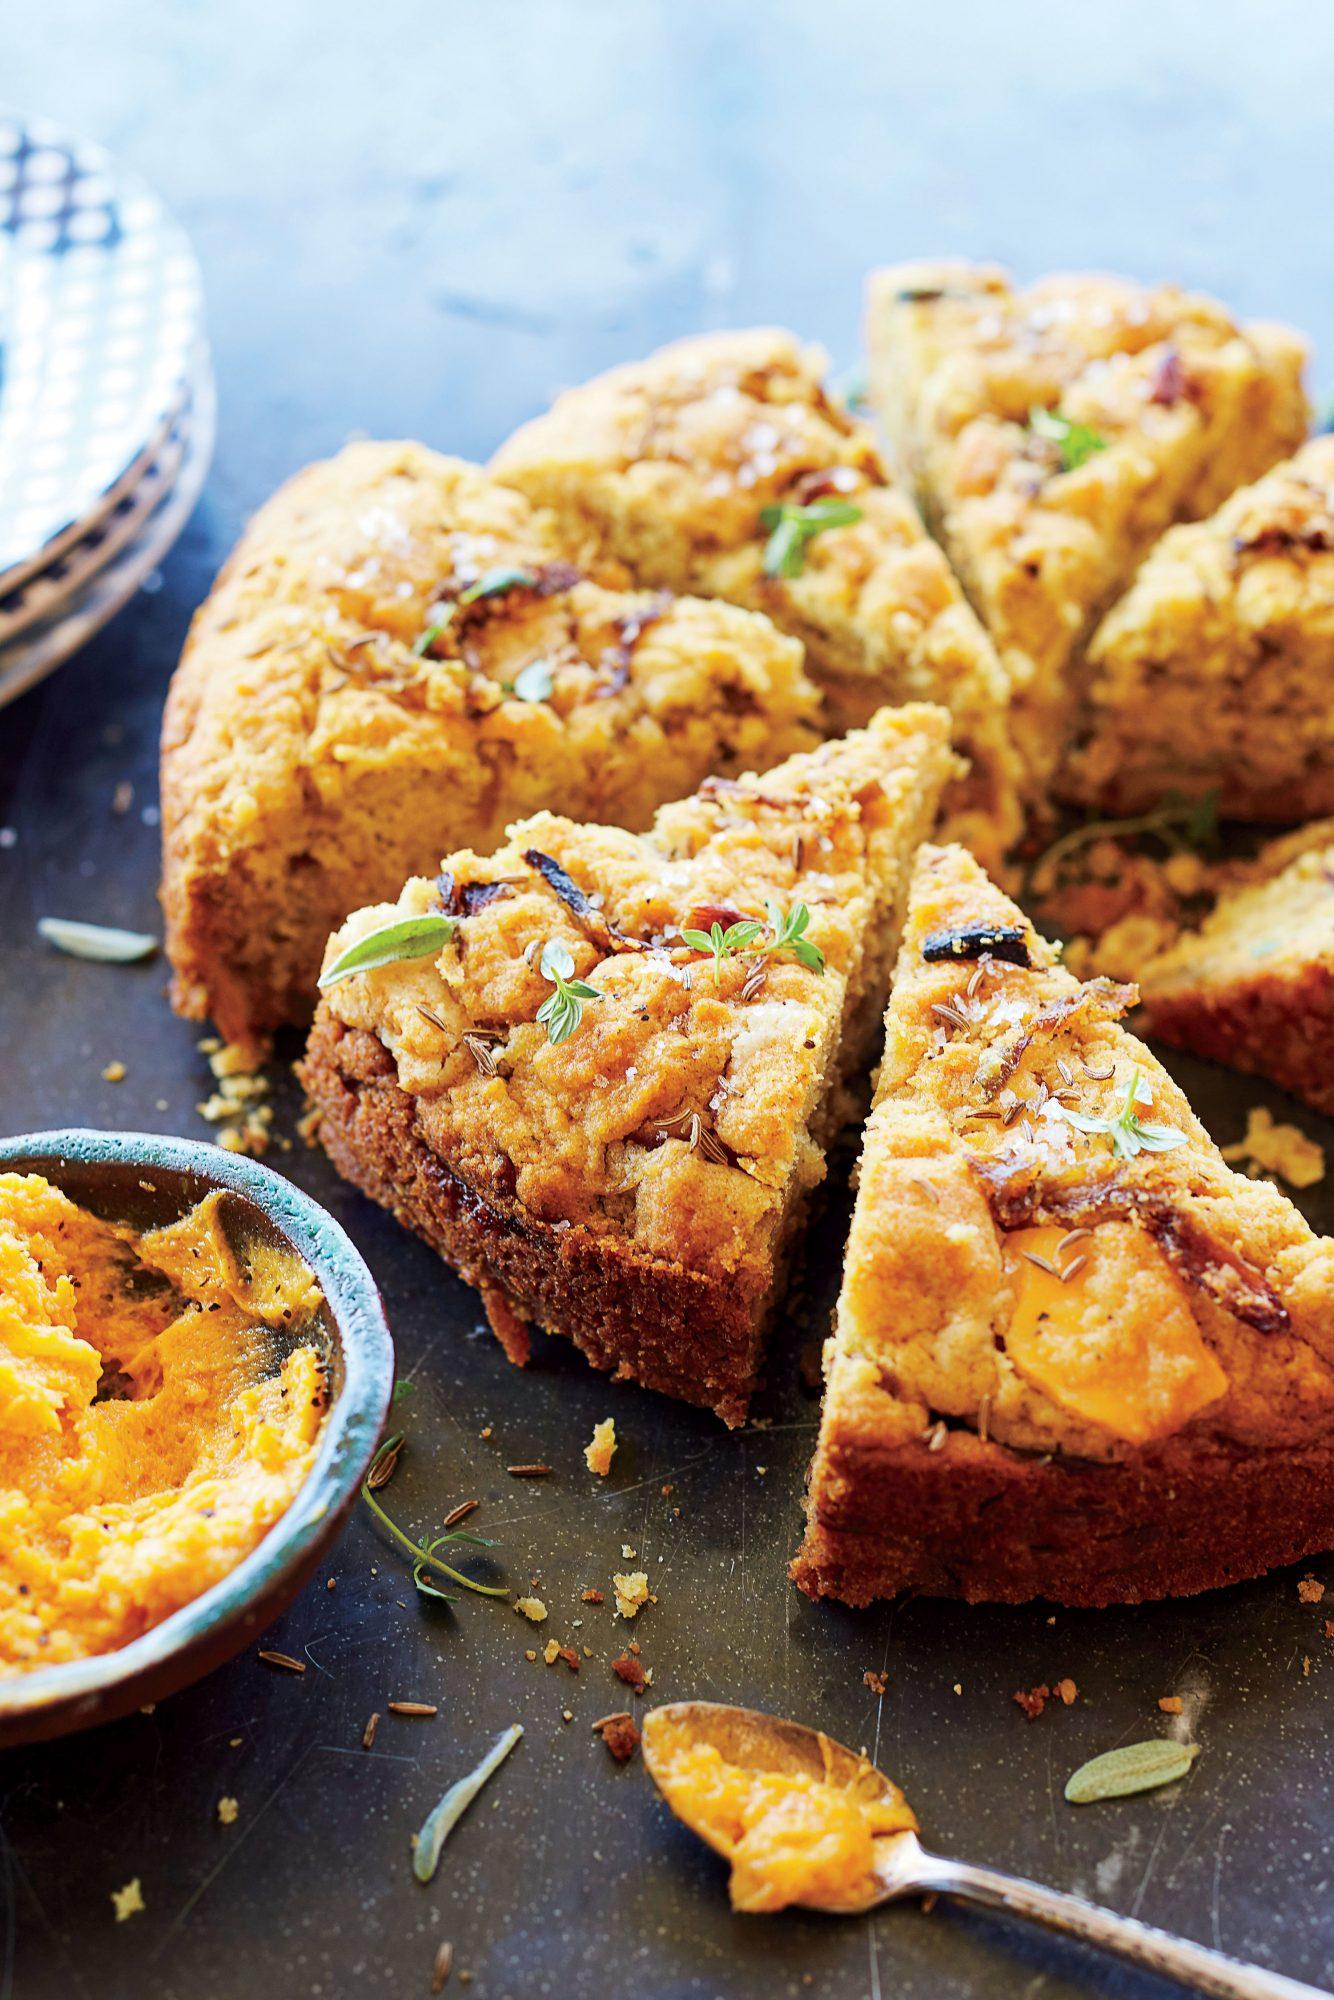 Cheddar-Caramelized Onion Bread